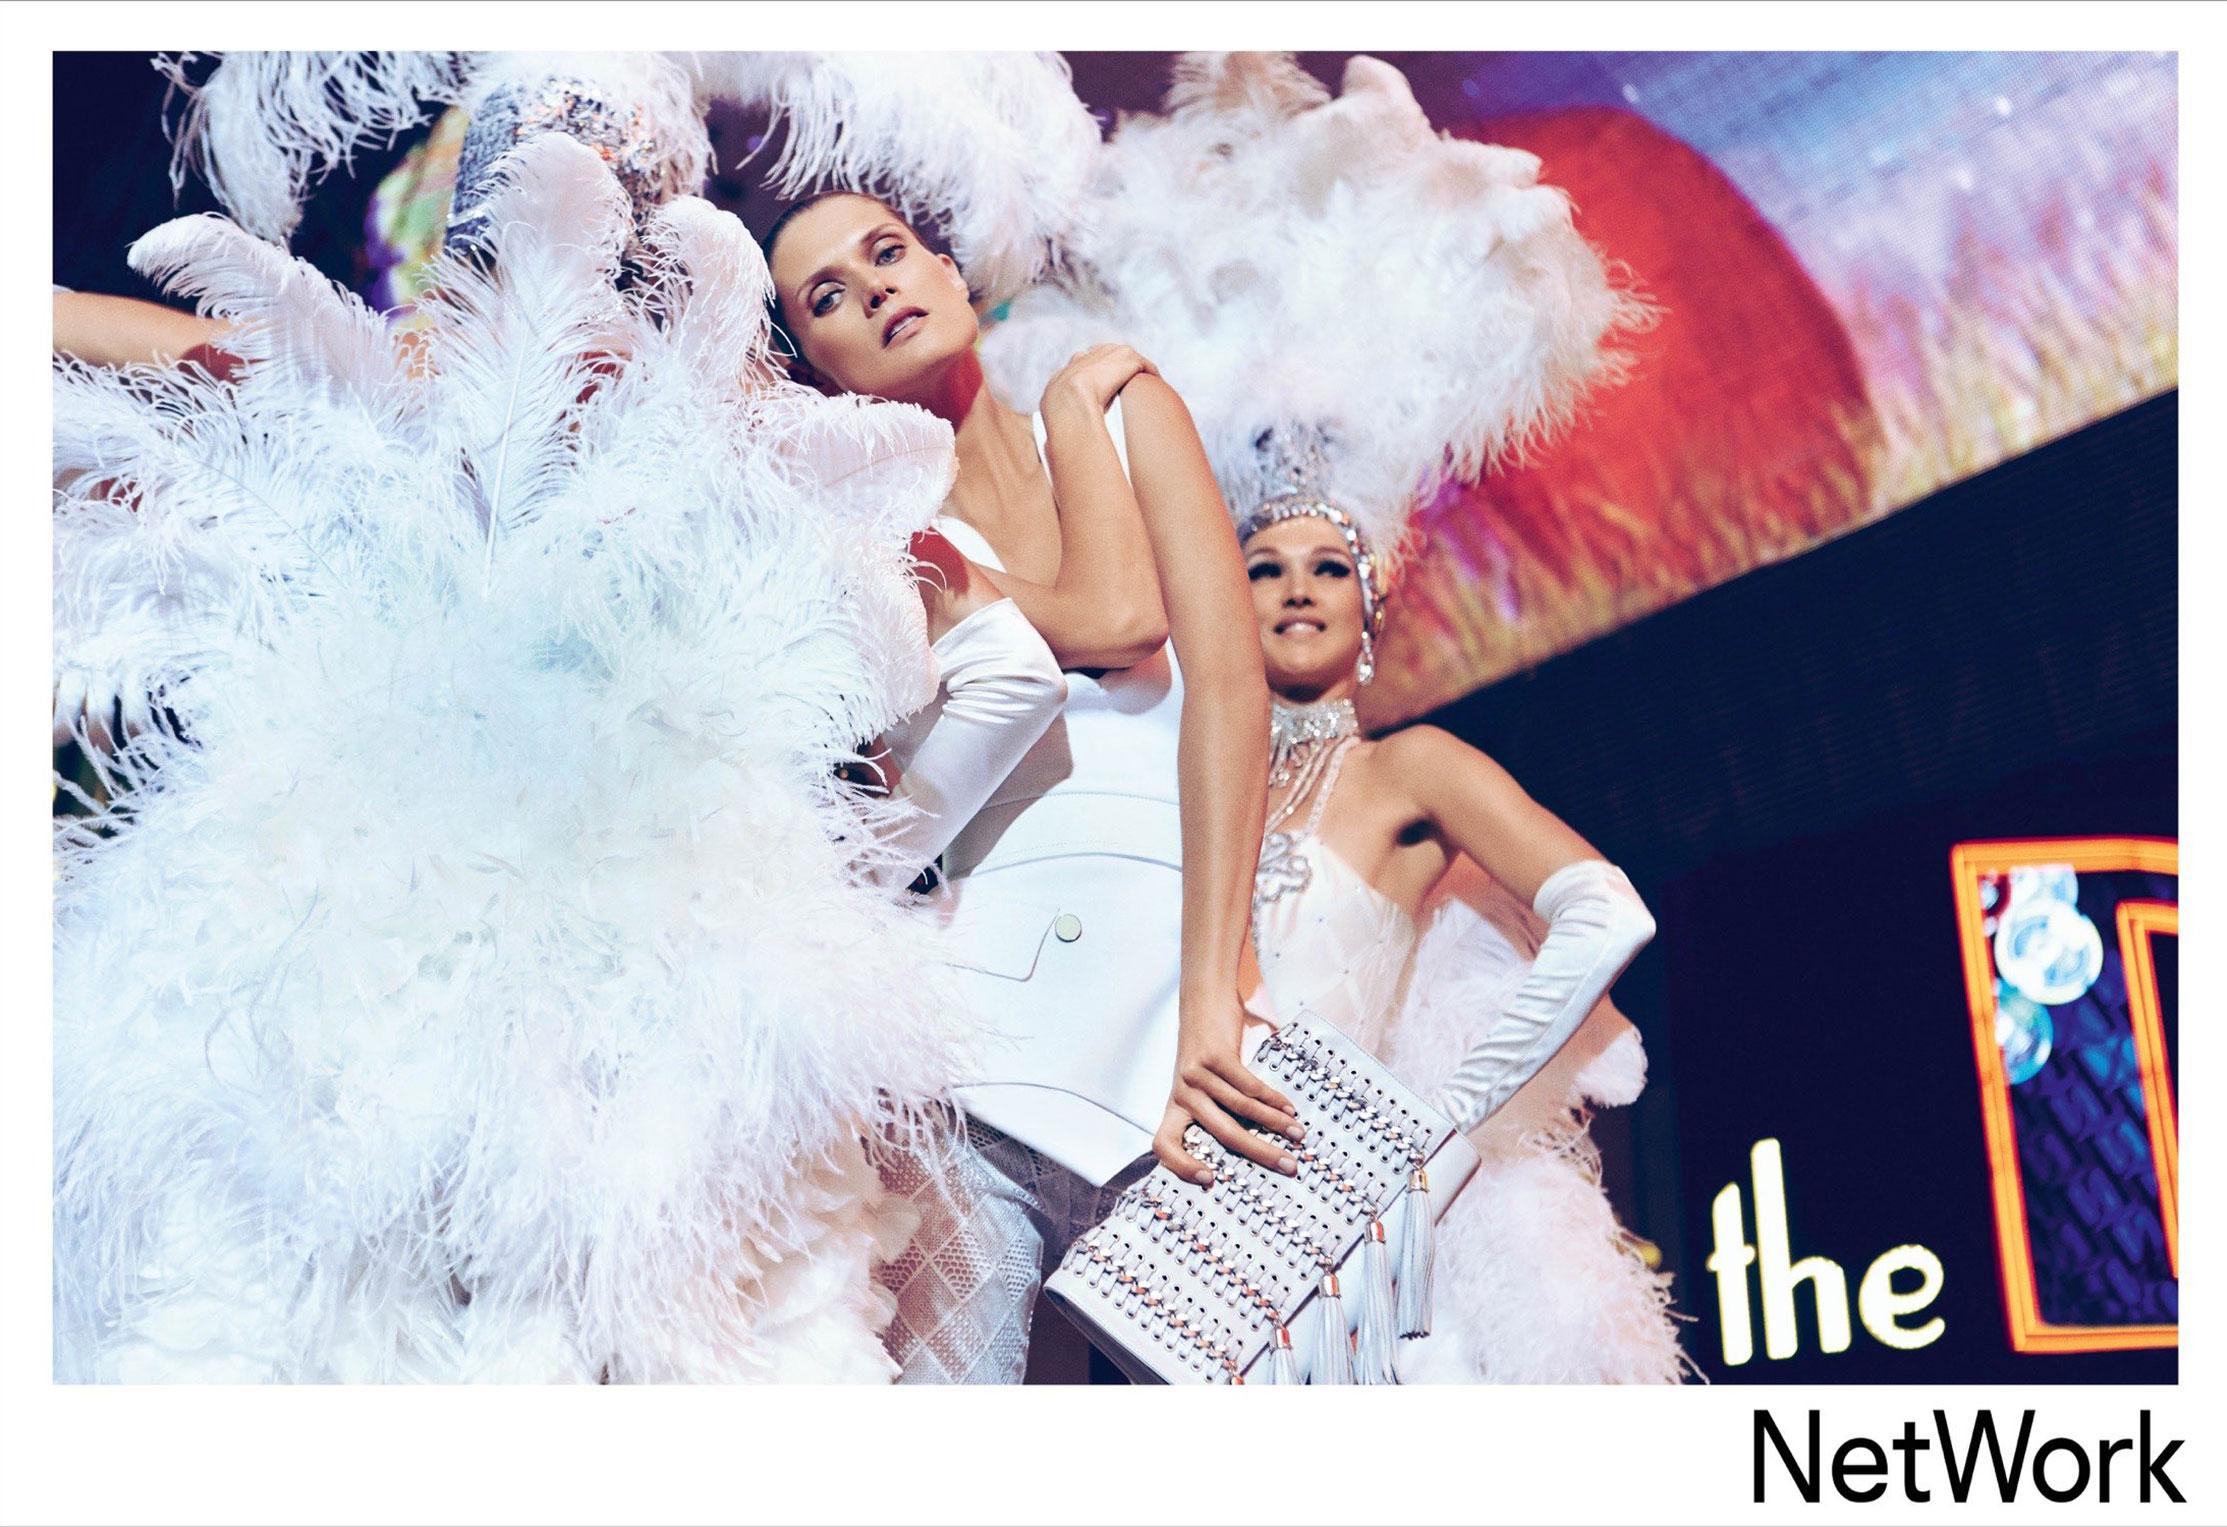 супермодель Малгоша Бела в рекламной кампании турецкого модного бренда Network, сезон весна-лето 2015 / фото 07